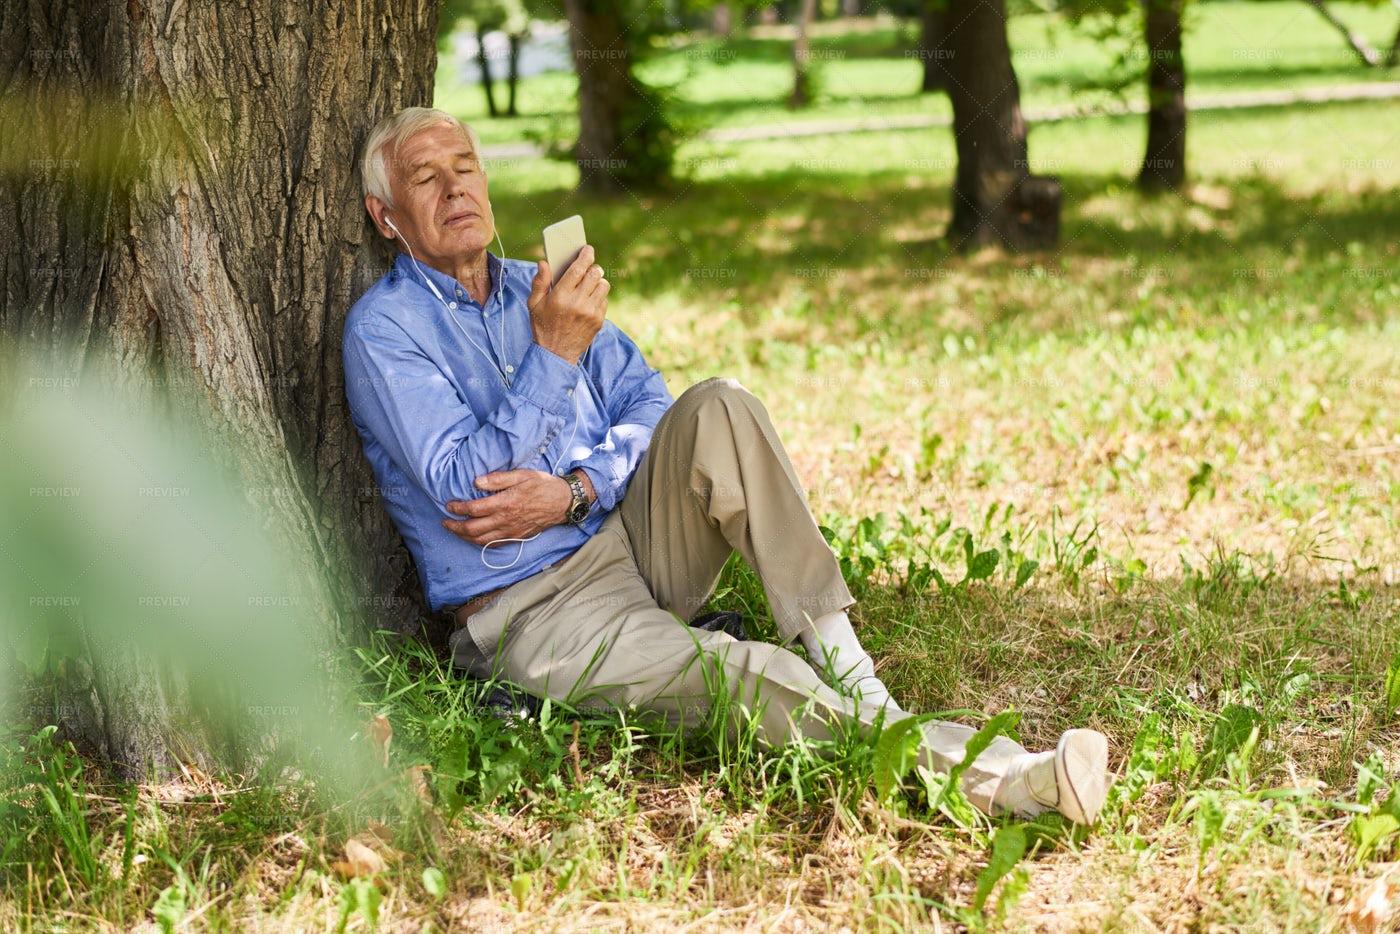 Senior Man Enjoying Weekend In Park: Stock Photos